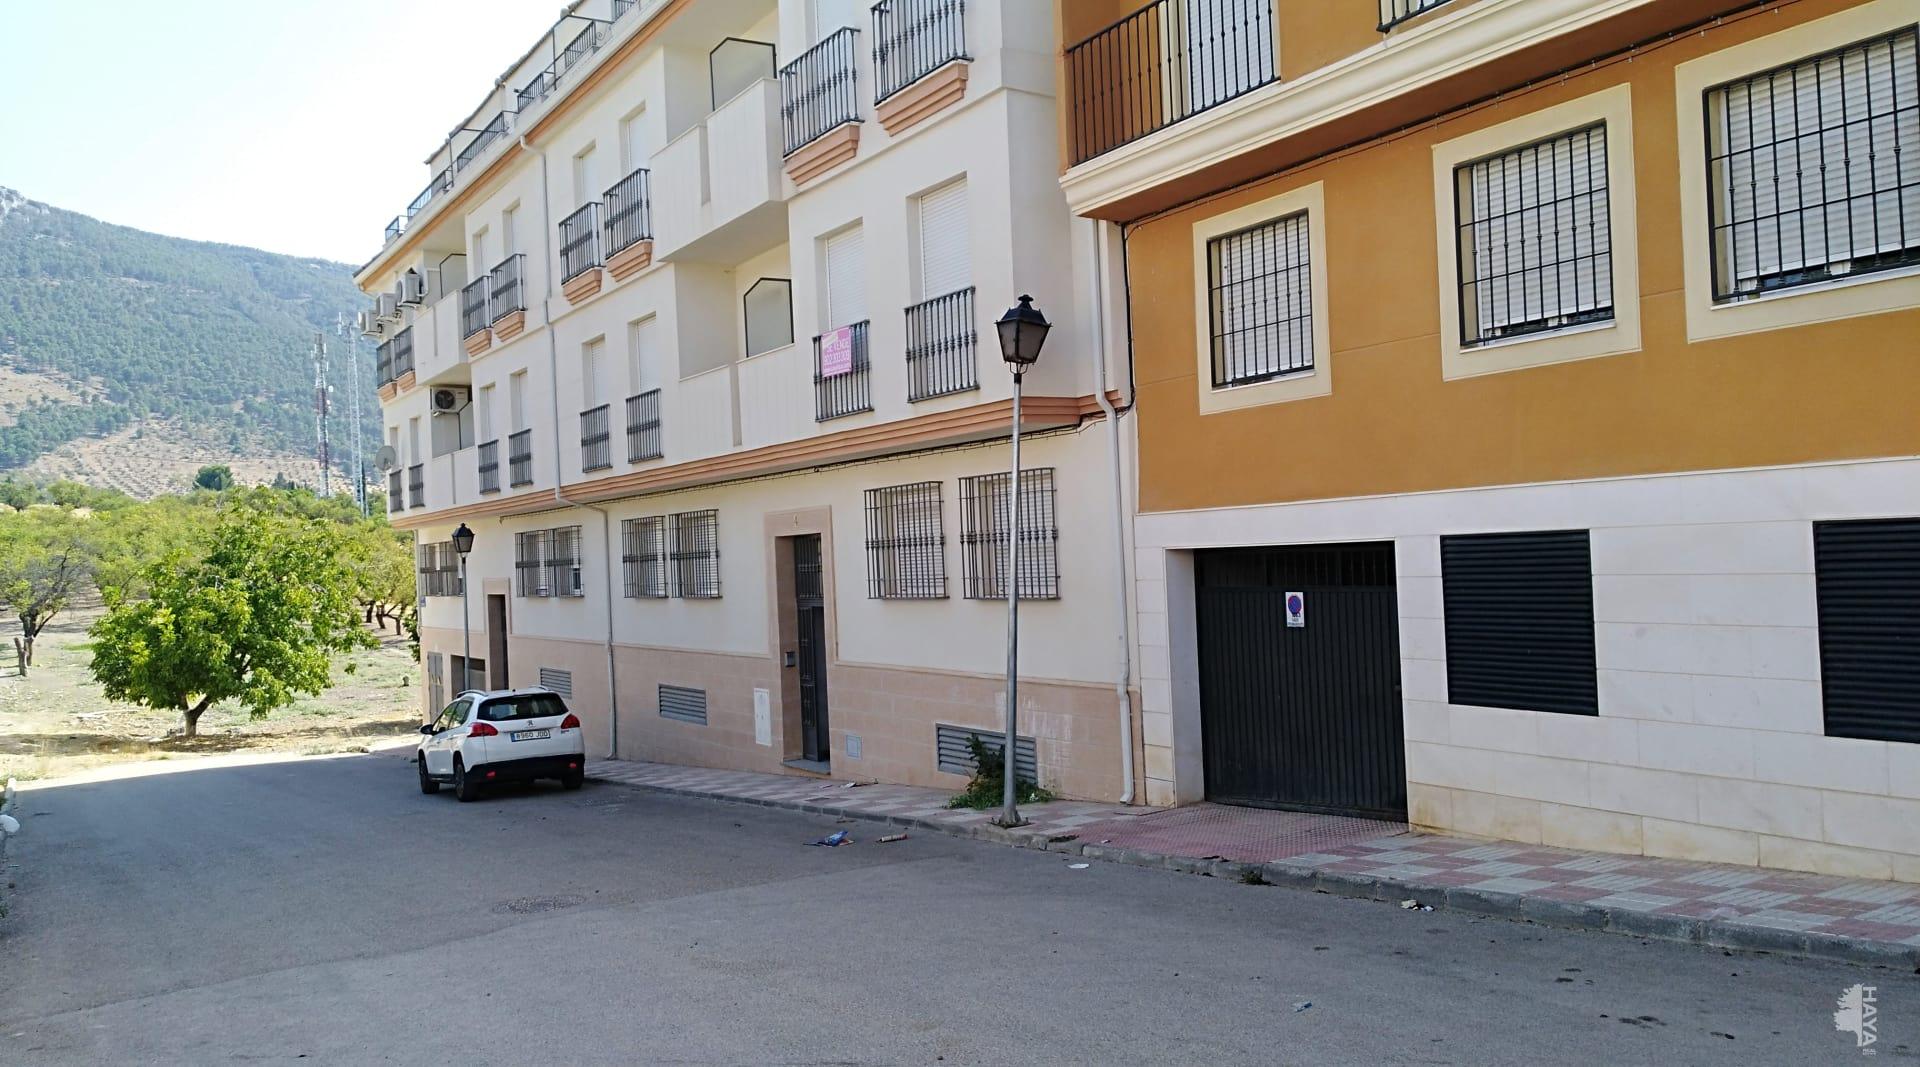 Piso en venta en Mancha Real, Jaén, Calle Cantabria, 76.864 €, 3 habitaciones, 6 baños, 96 m2